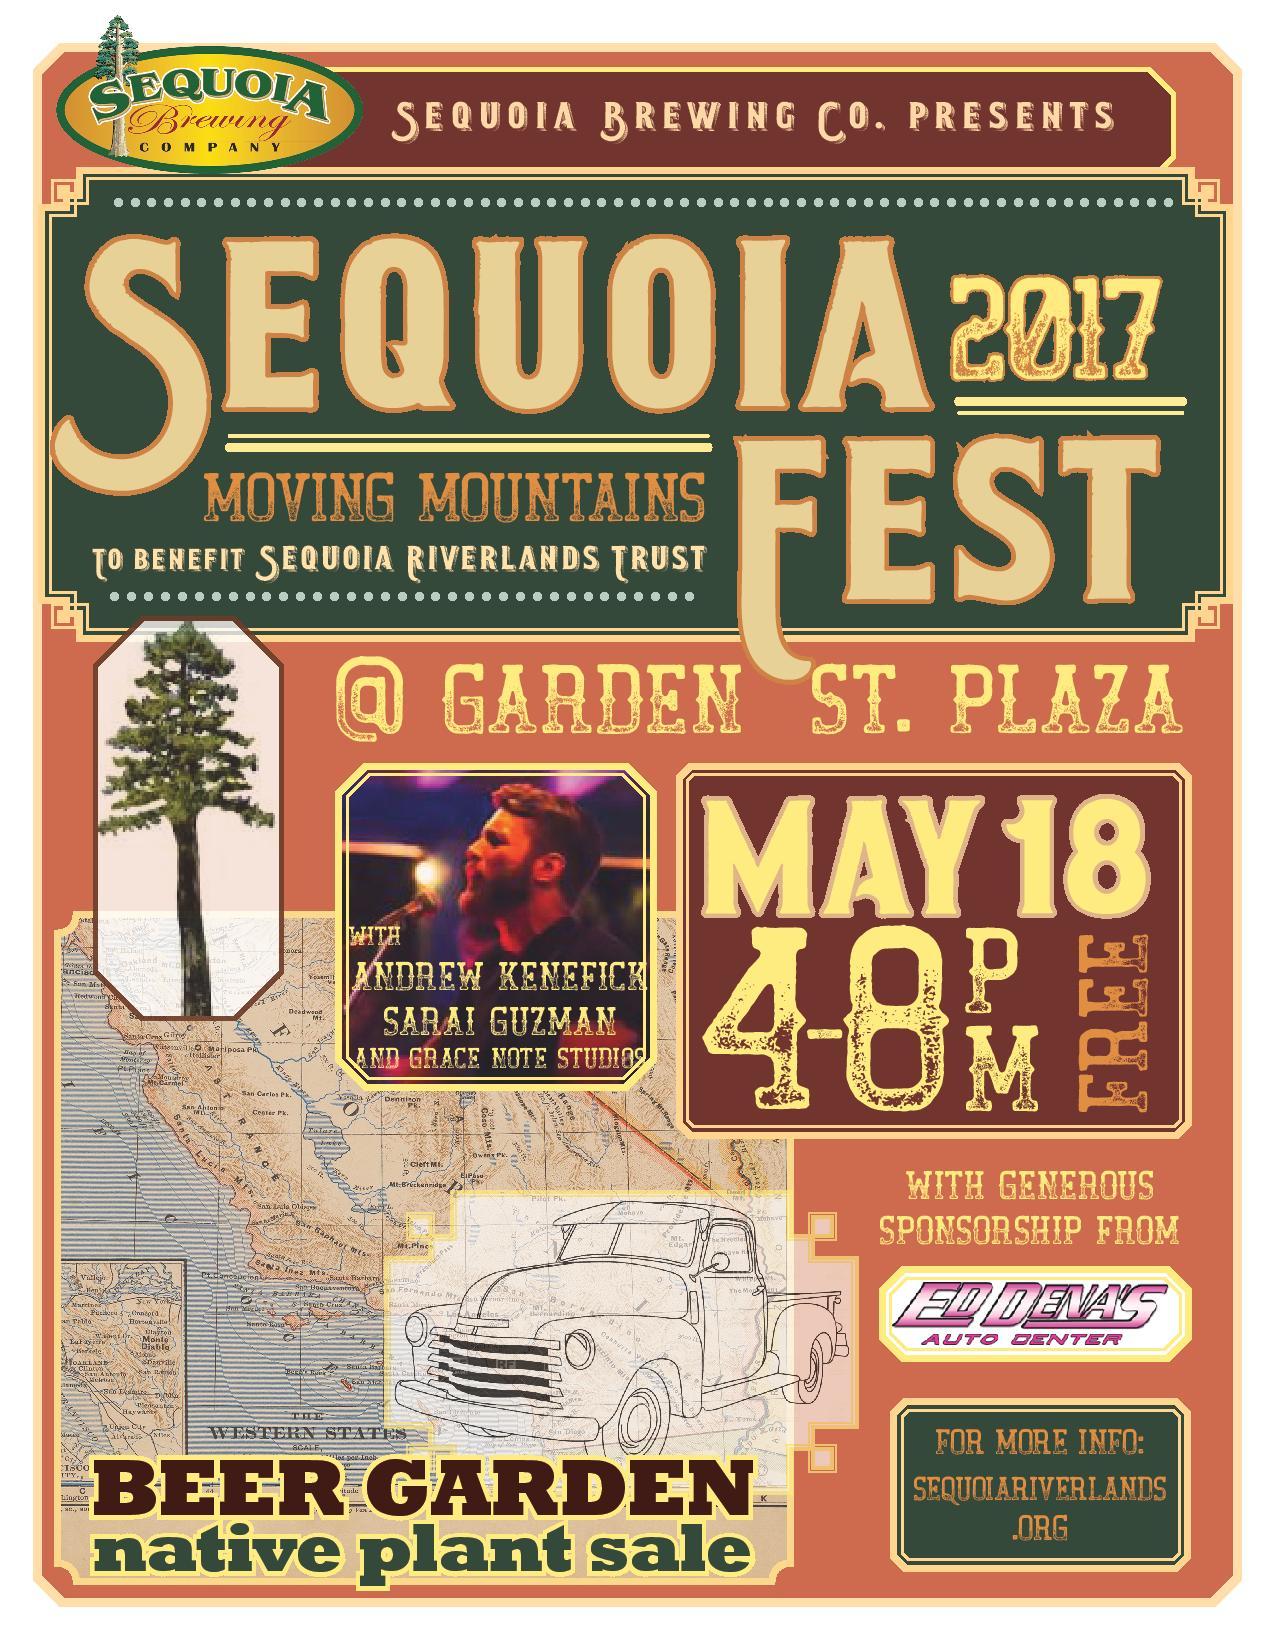 SequoiaFest!